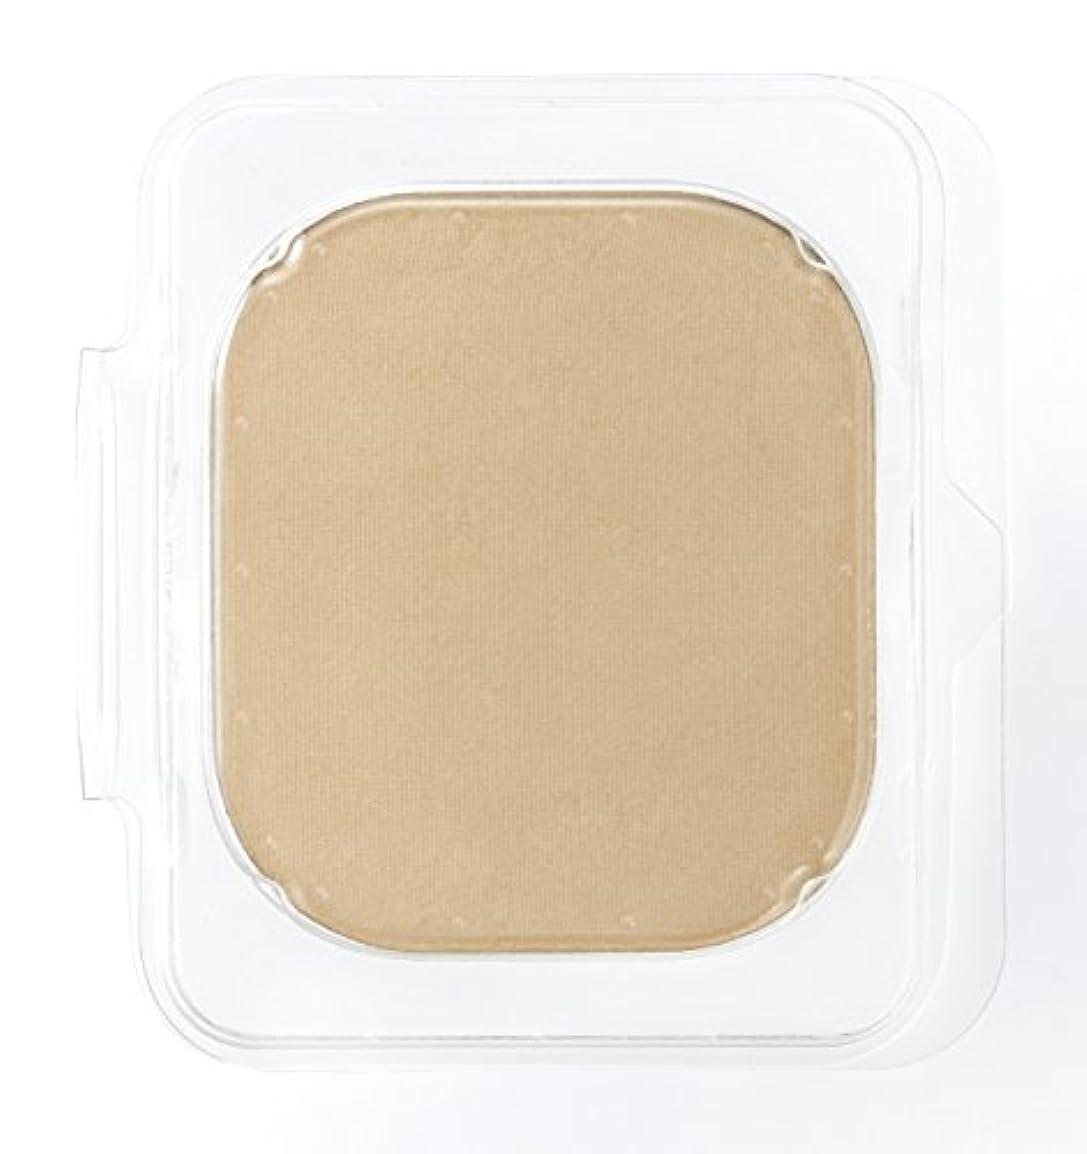 まろやかなバンク栄光のオンリーミネラル 薬用美白ミネラルクリアUVファンデーション レフィル ライトオークル 10g